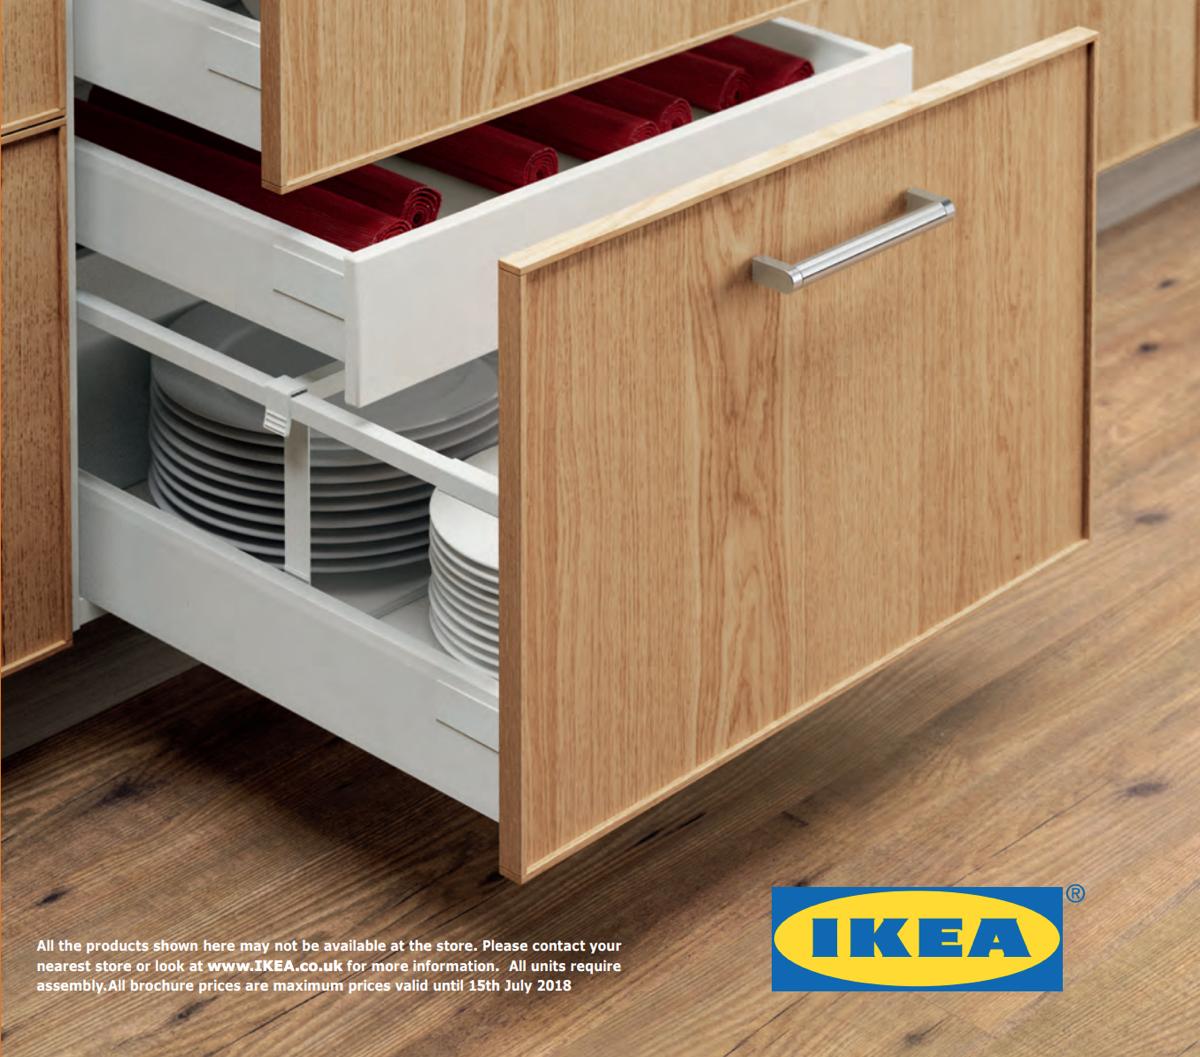 IKEA en México, una posibilidad incierta | coolhuntermx